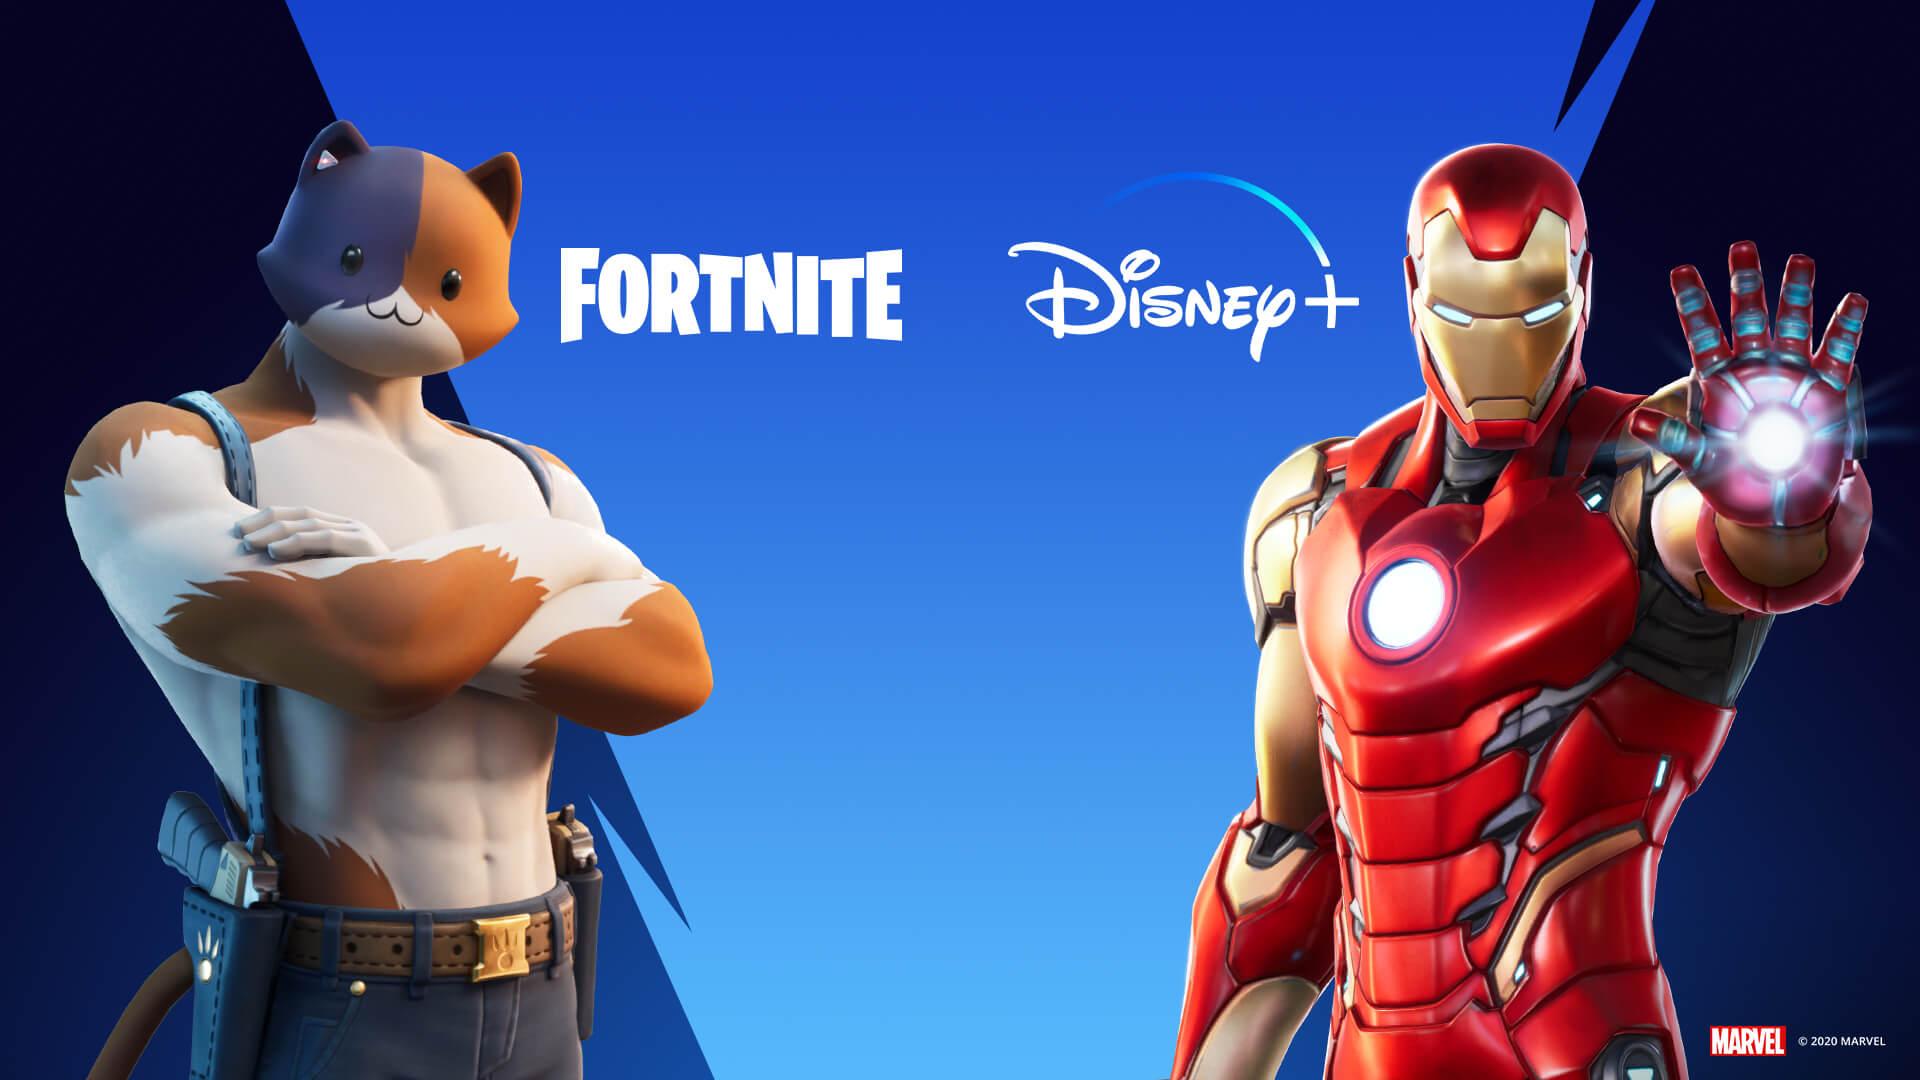 Fortnite Disney+ Offer